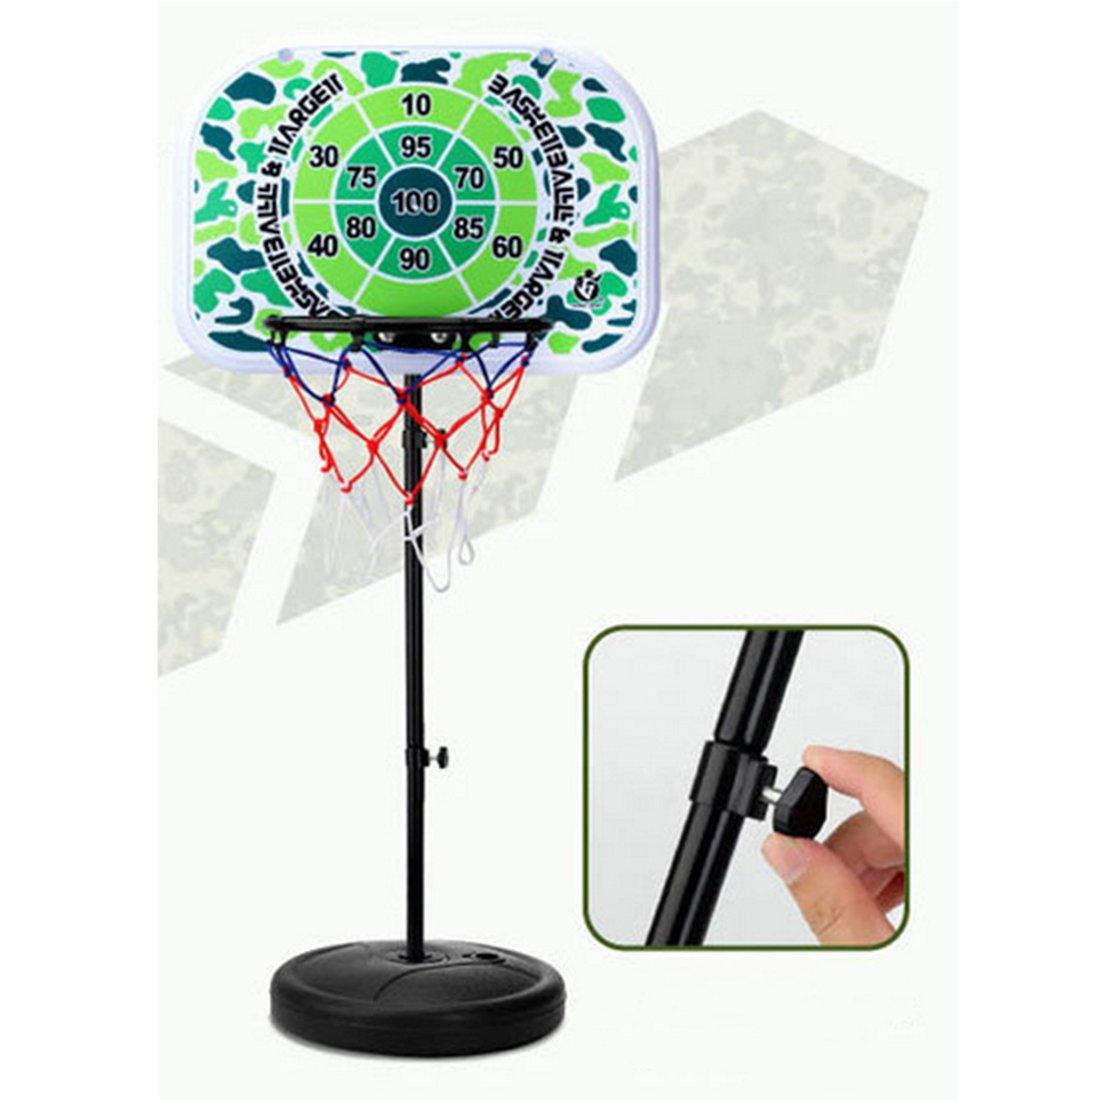 DAN DISCOUNTS 2m Panier de Basket Stable et R/églable en Hauteur avec Ballon Pompe Convient pour Enfants et Adolescents